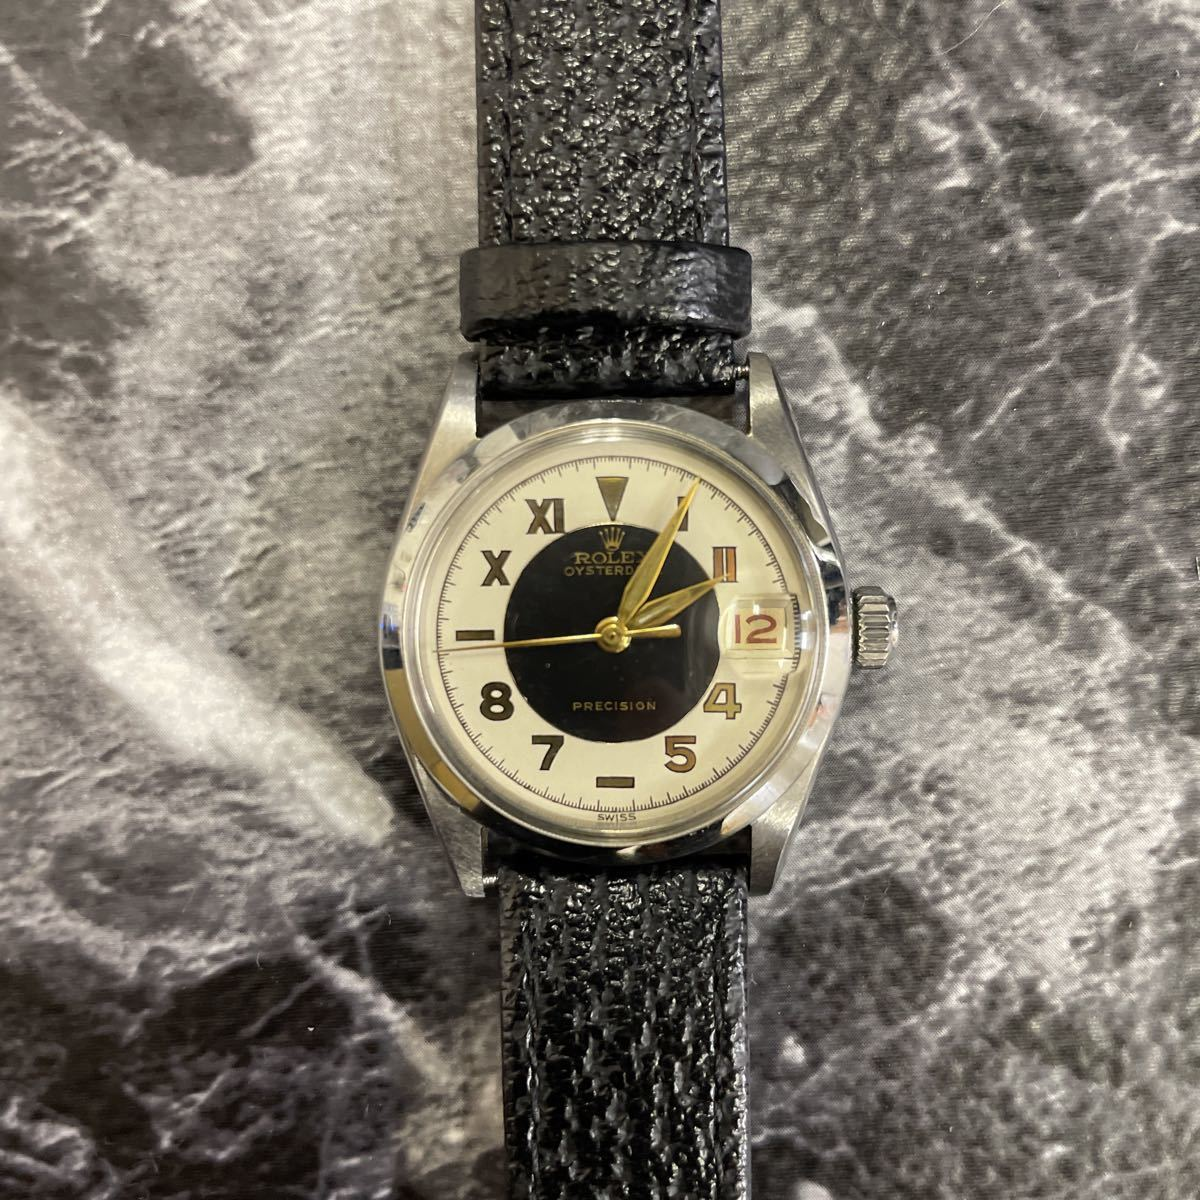 希少文字盤・稼働品・ROLEX ロレックス オイスターデイト プレシジョン 腕時計 ボーイズ メンズ 6466 17石 アンティーク 手巻き式//3260_画像1